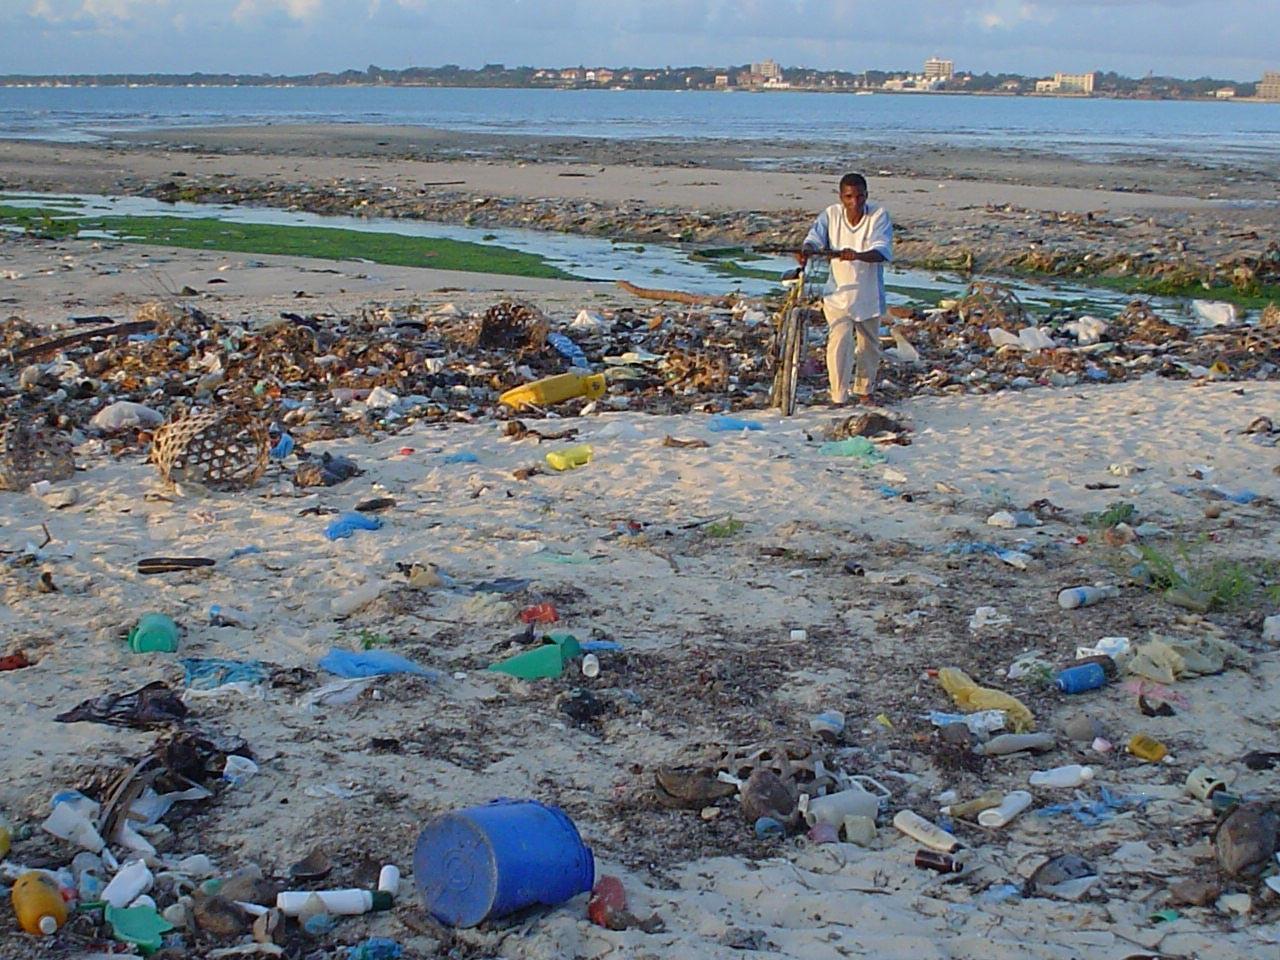 Une plage recouverte de déchets